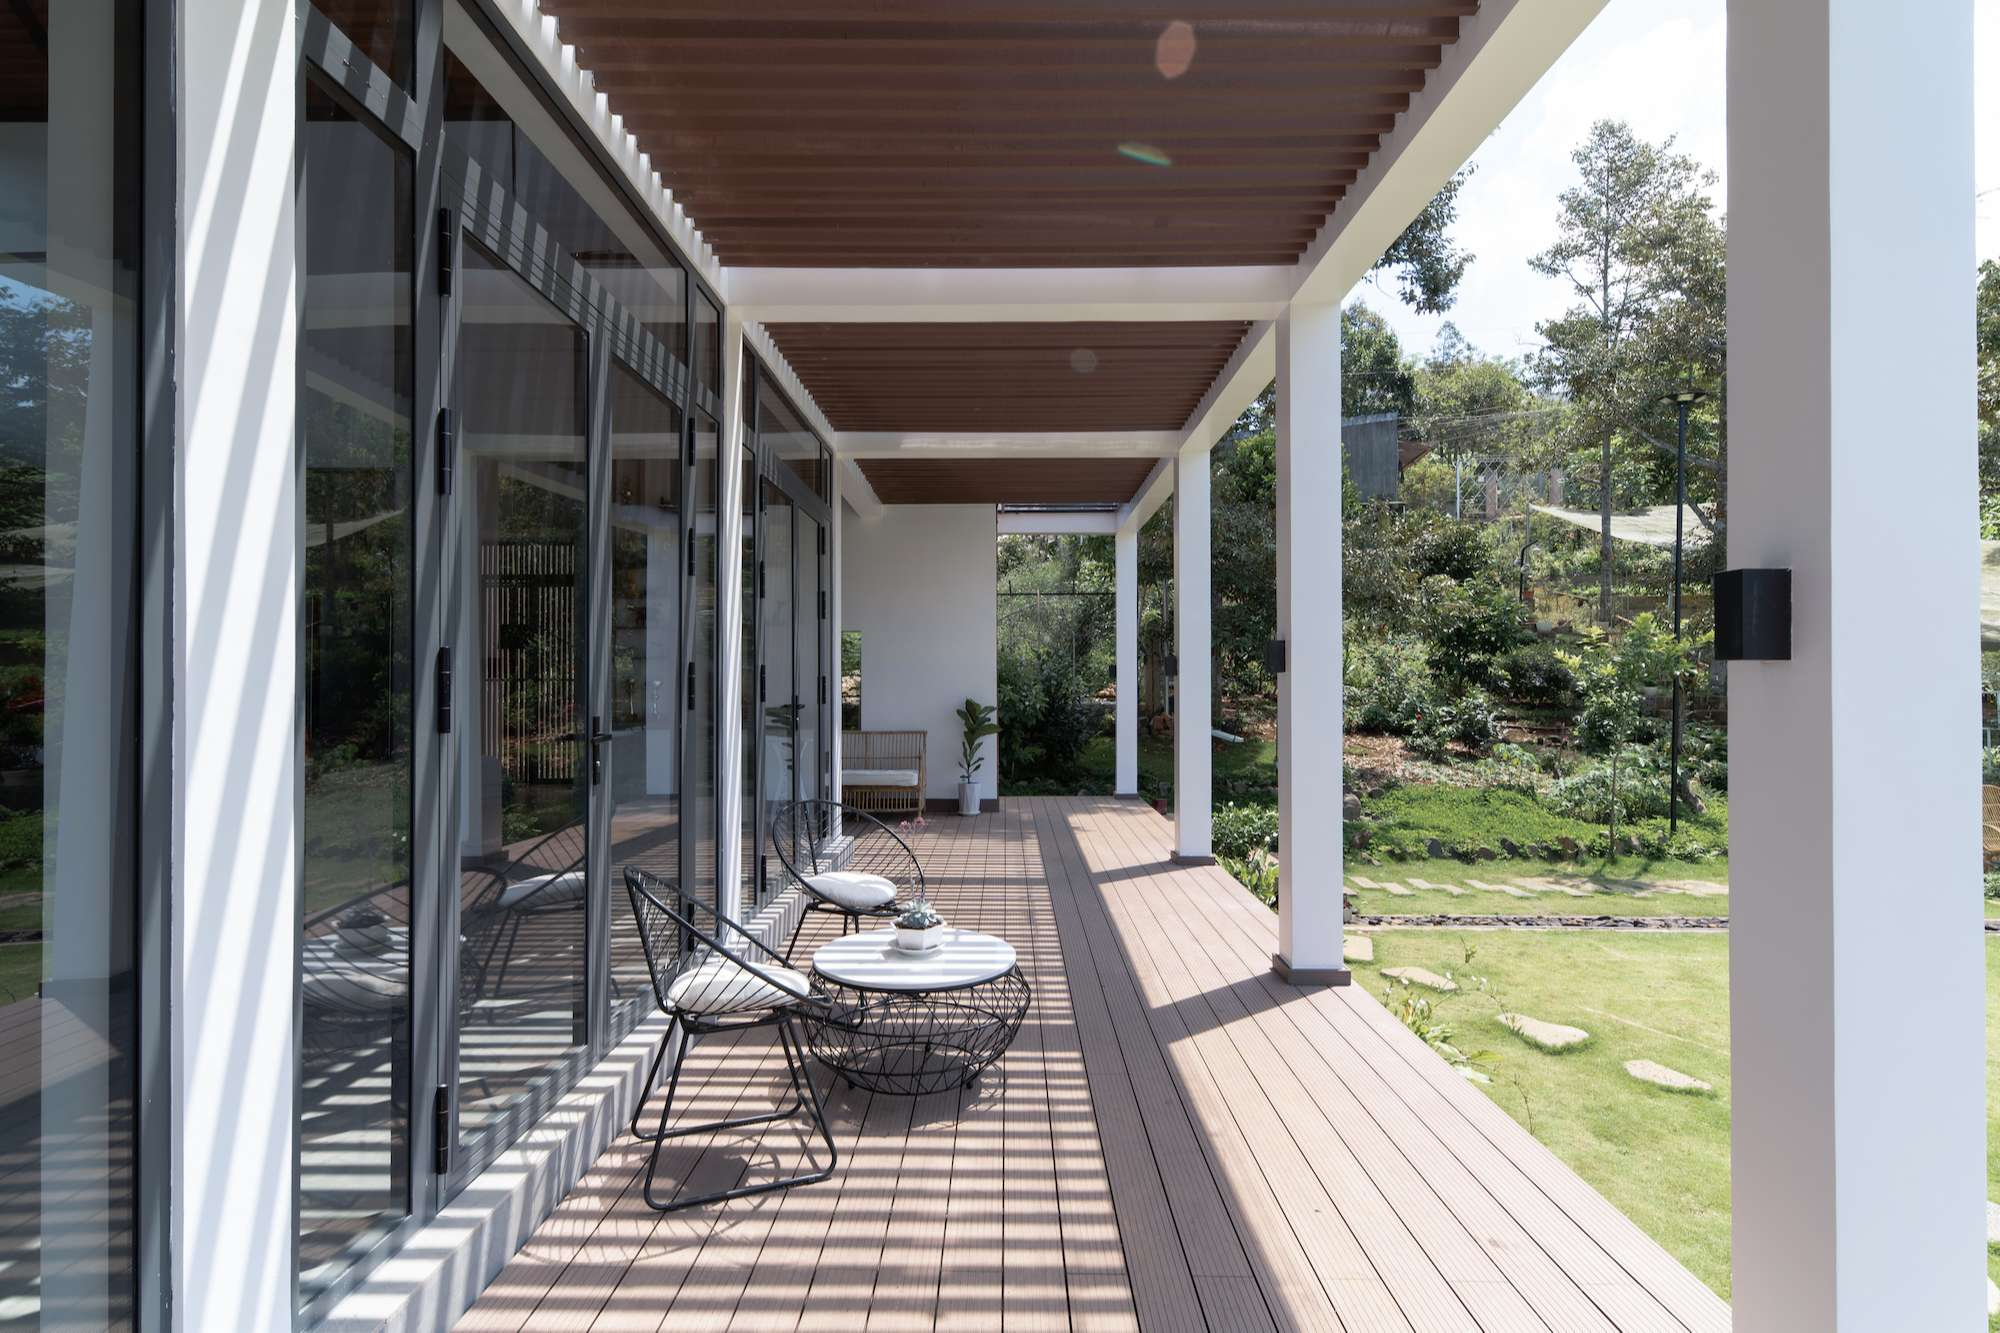 Hàng hiên rộng hơn 50 m2, cao cách mặt đất 1,4 mét là chỗ thư giãn, uống cafe và tập yoga của chủ nhà